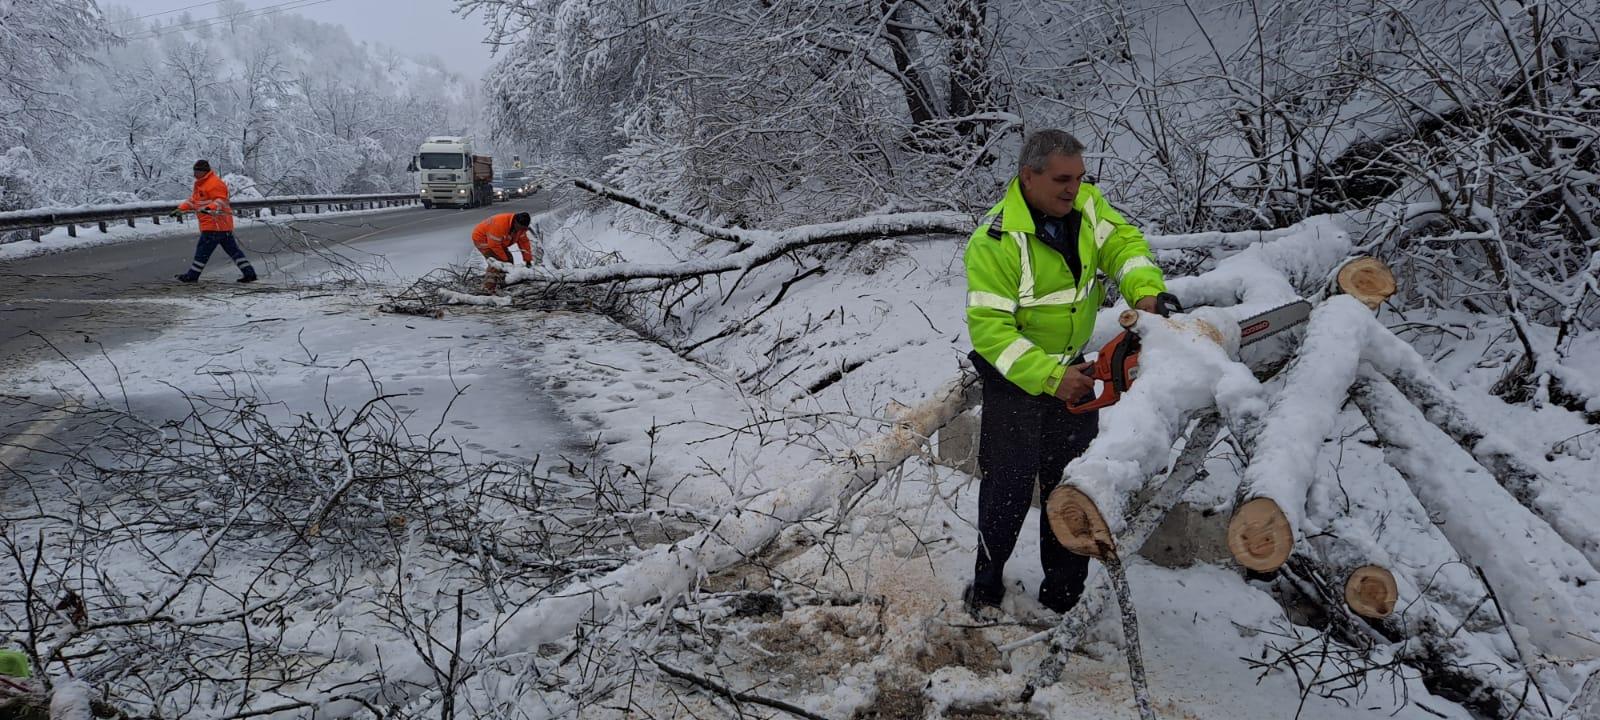 Zăpada din martie a doborât copaci pe drumul dintre Mediaș și Bârghiș